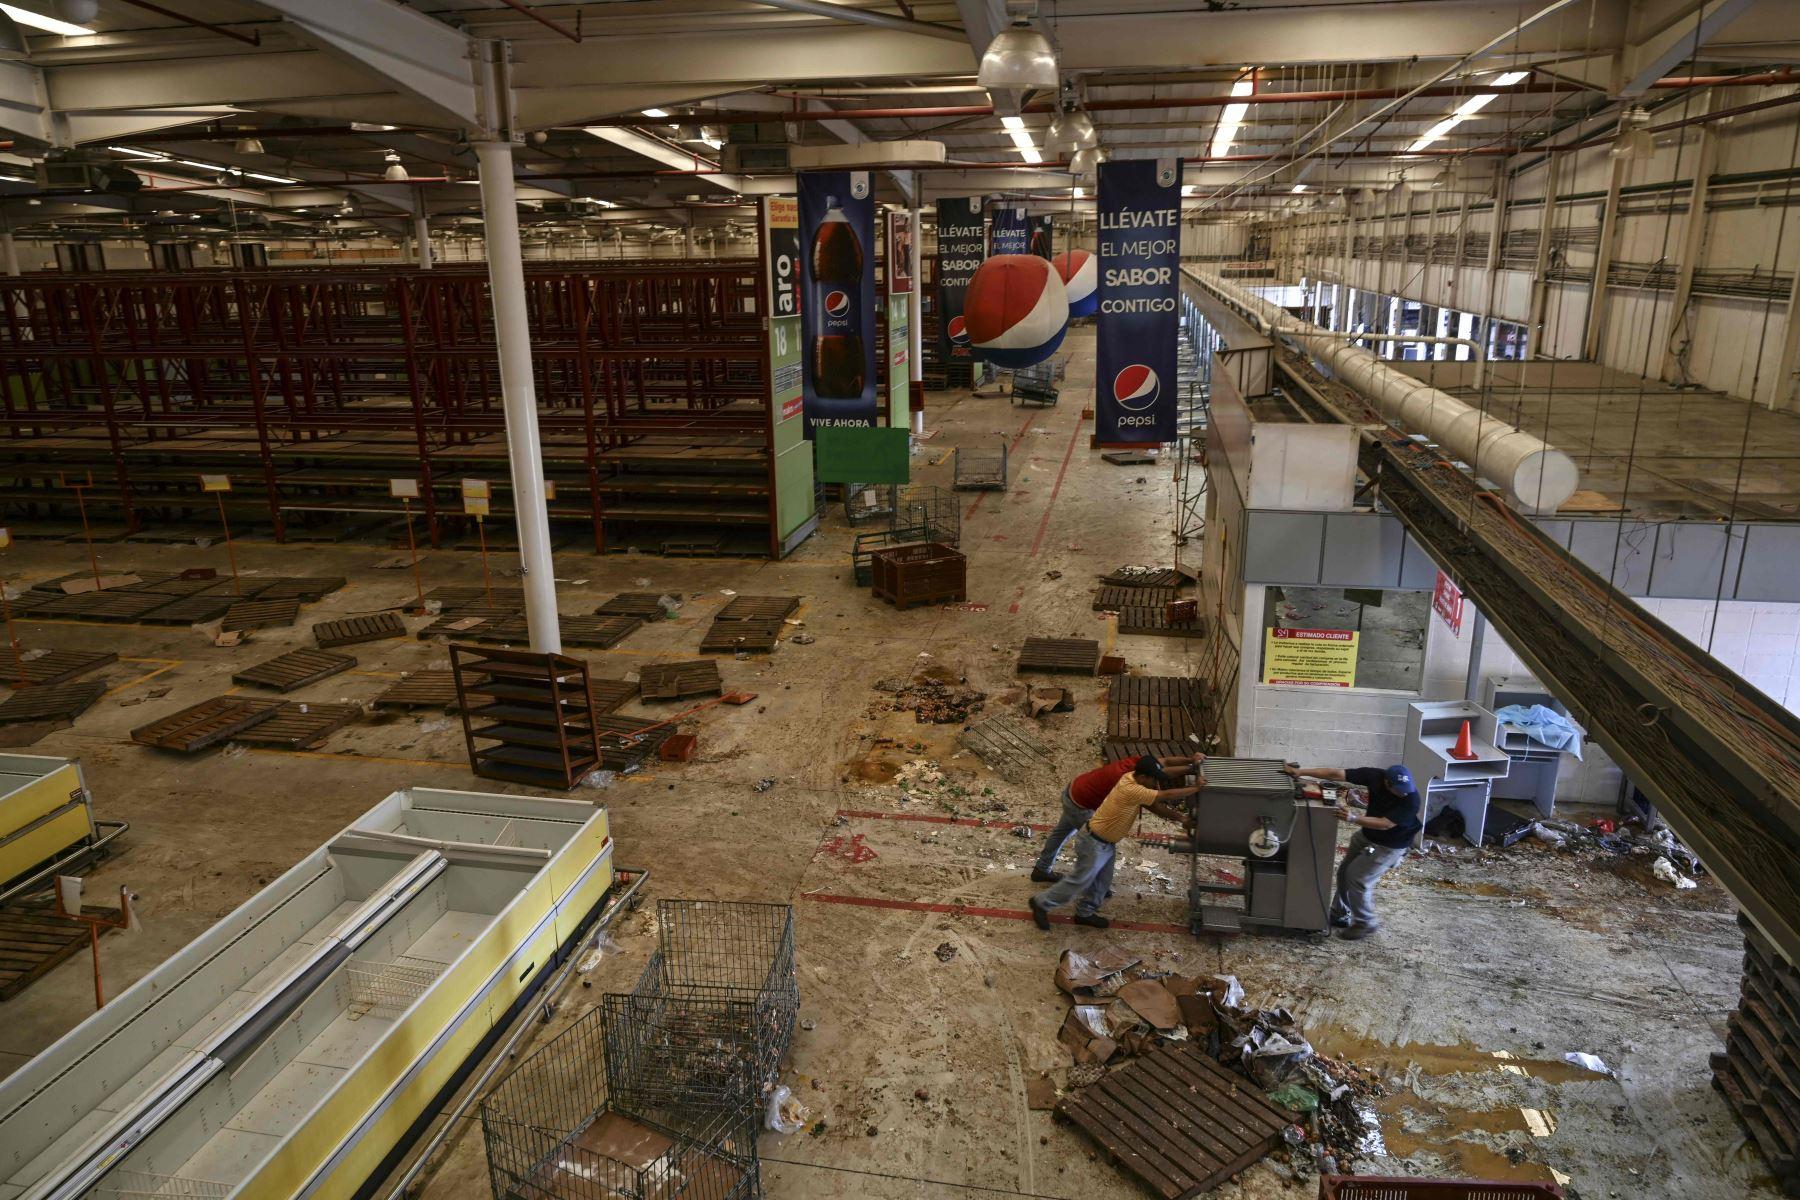 Supermercado saqueado durante el apagón masivo que ha paralizado a Venezuela durante seis días, en Maracaibo, en el estado fronterizo de Zulia. Foto: AFP